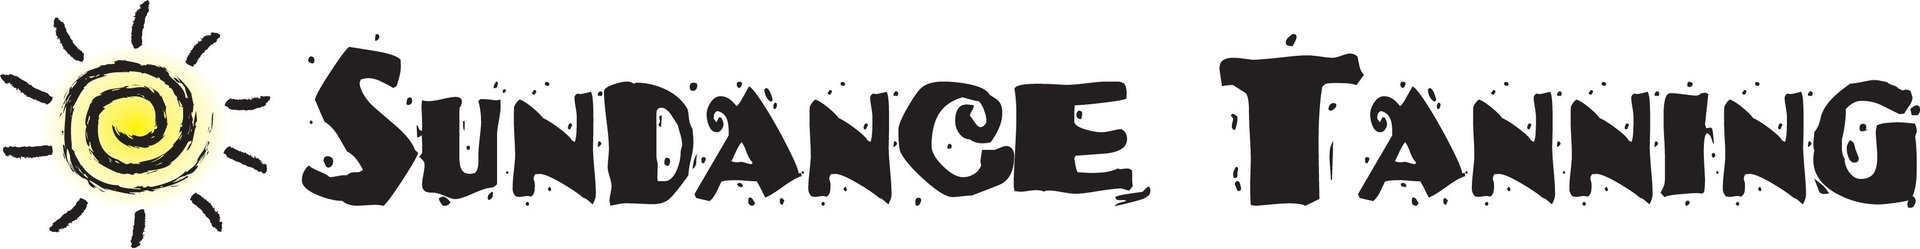 Sundance Tanning - Logo